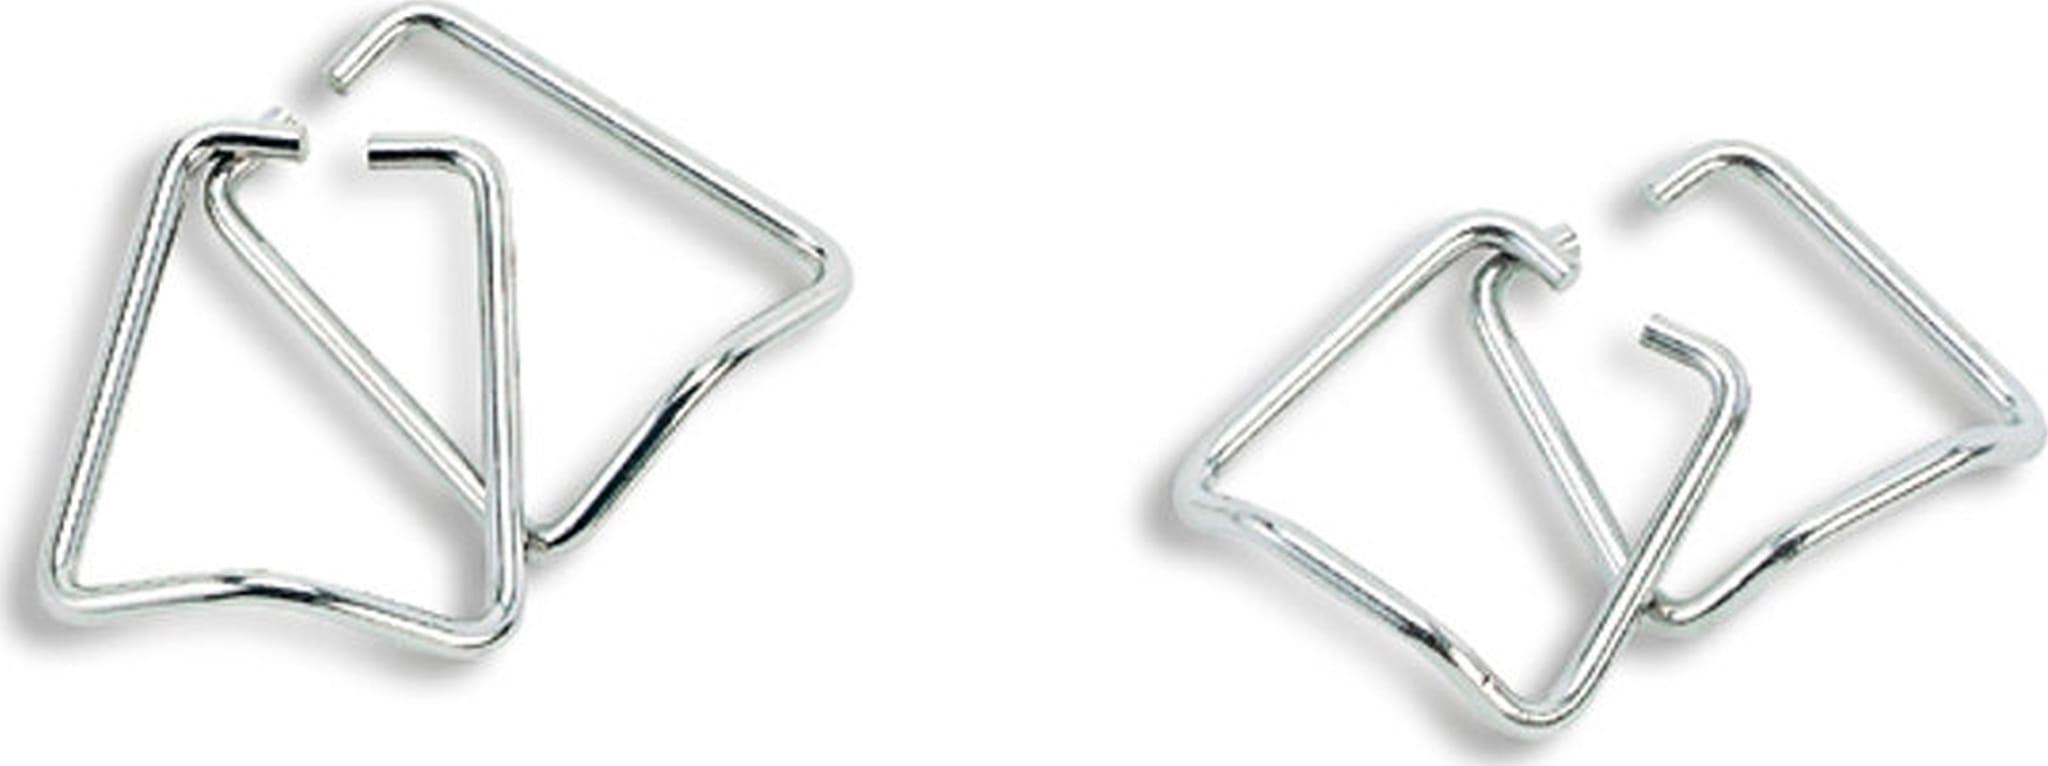 Hælløfter 3-pin